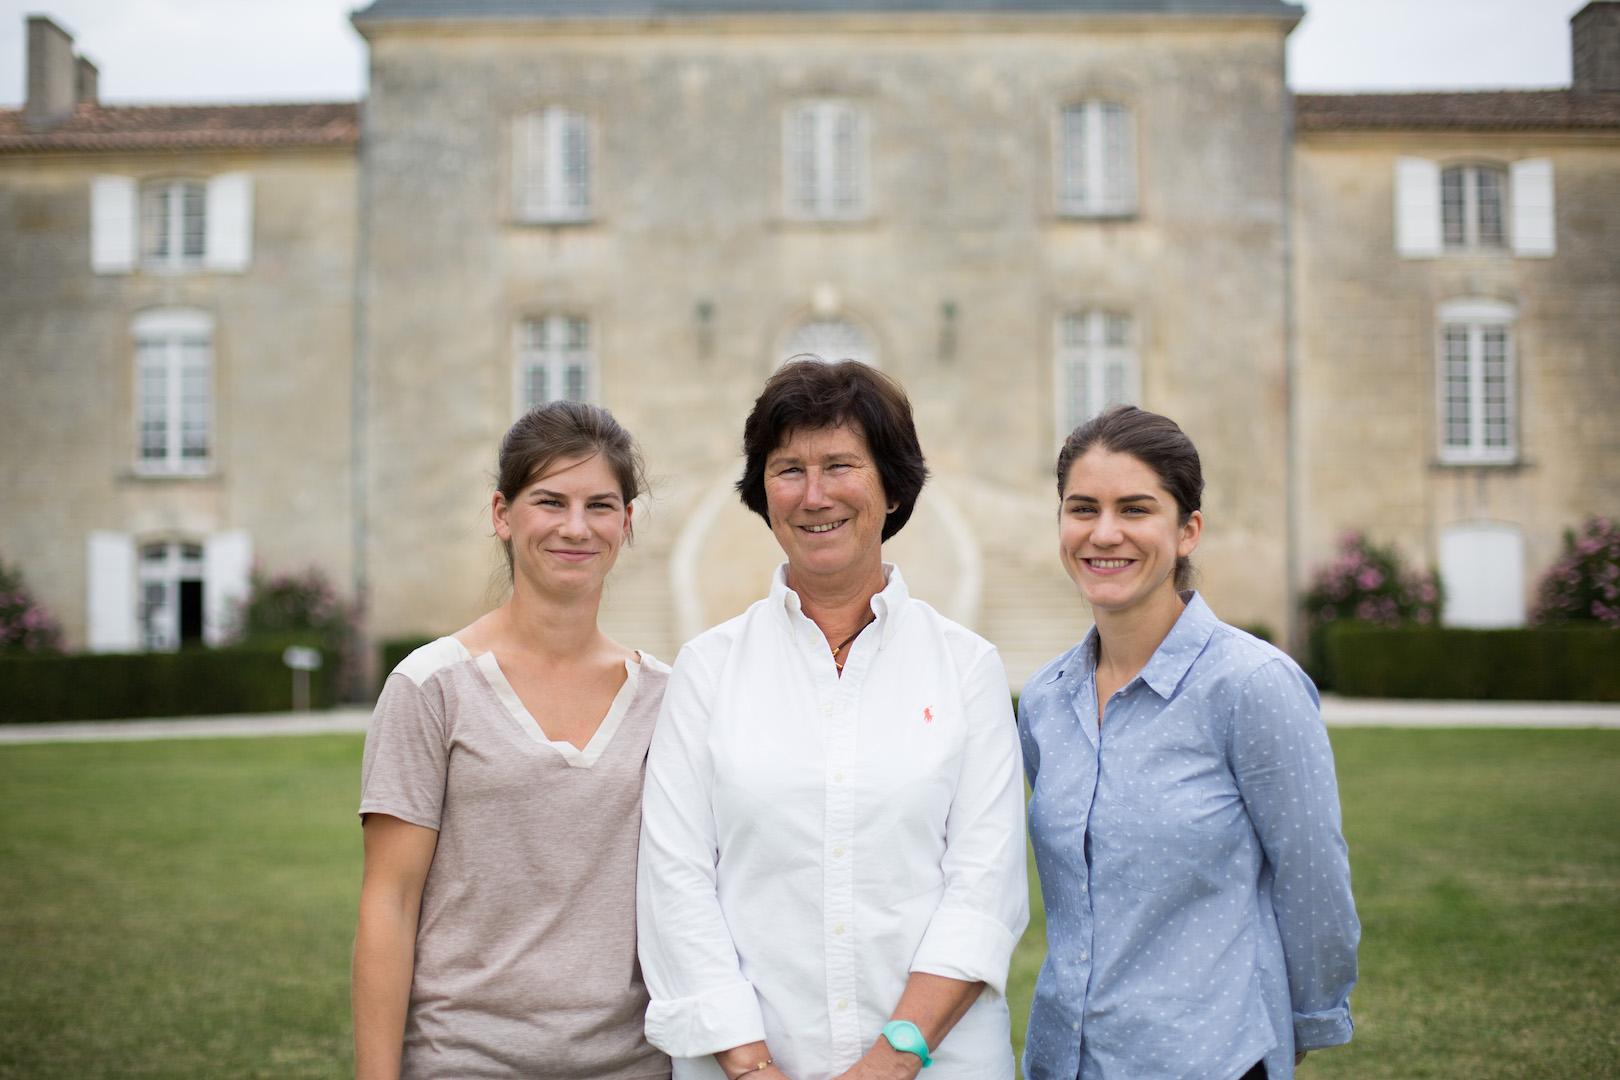 chateau-des-arras-famille-femmes